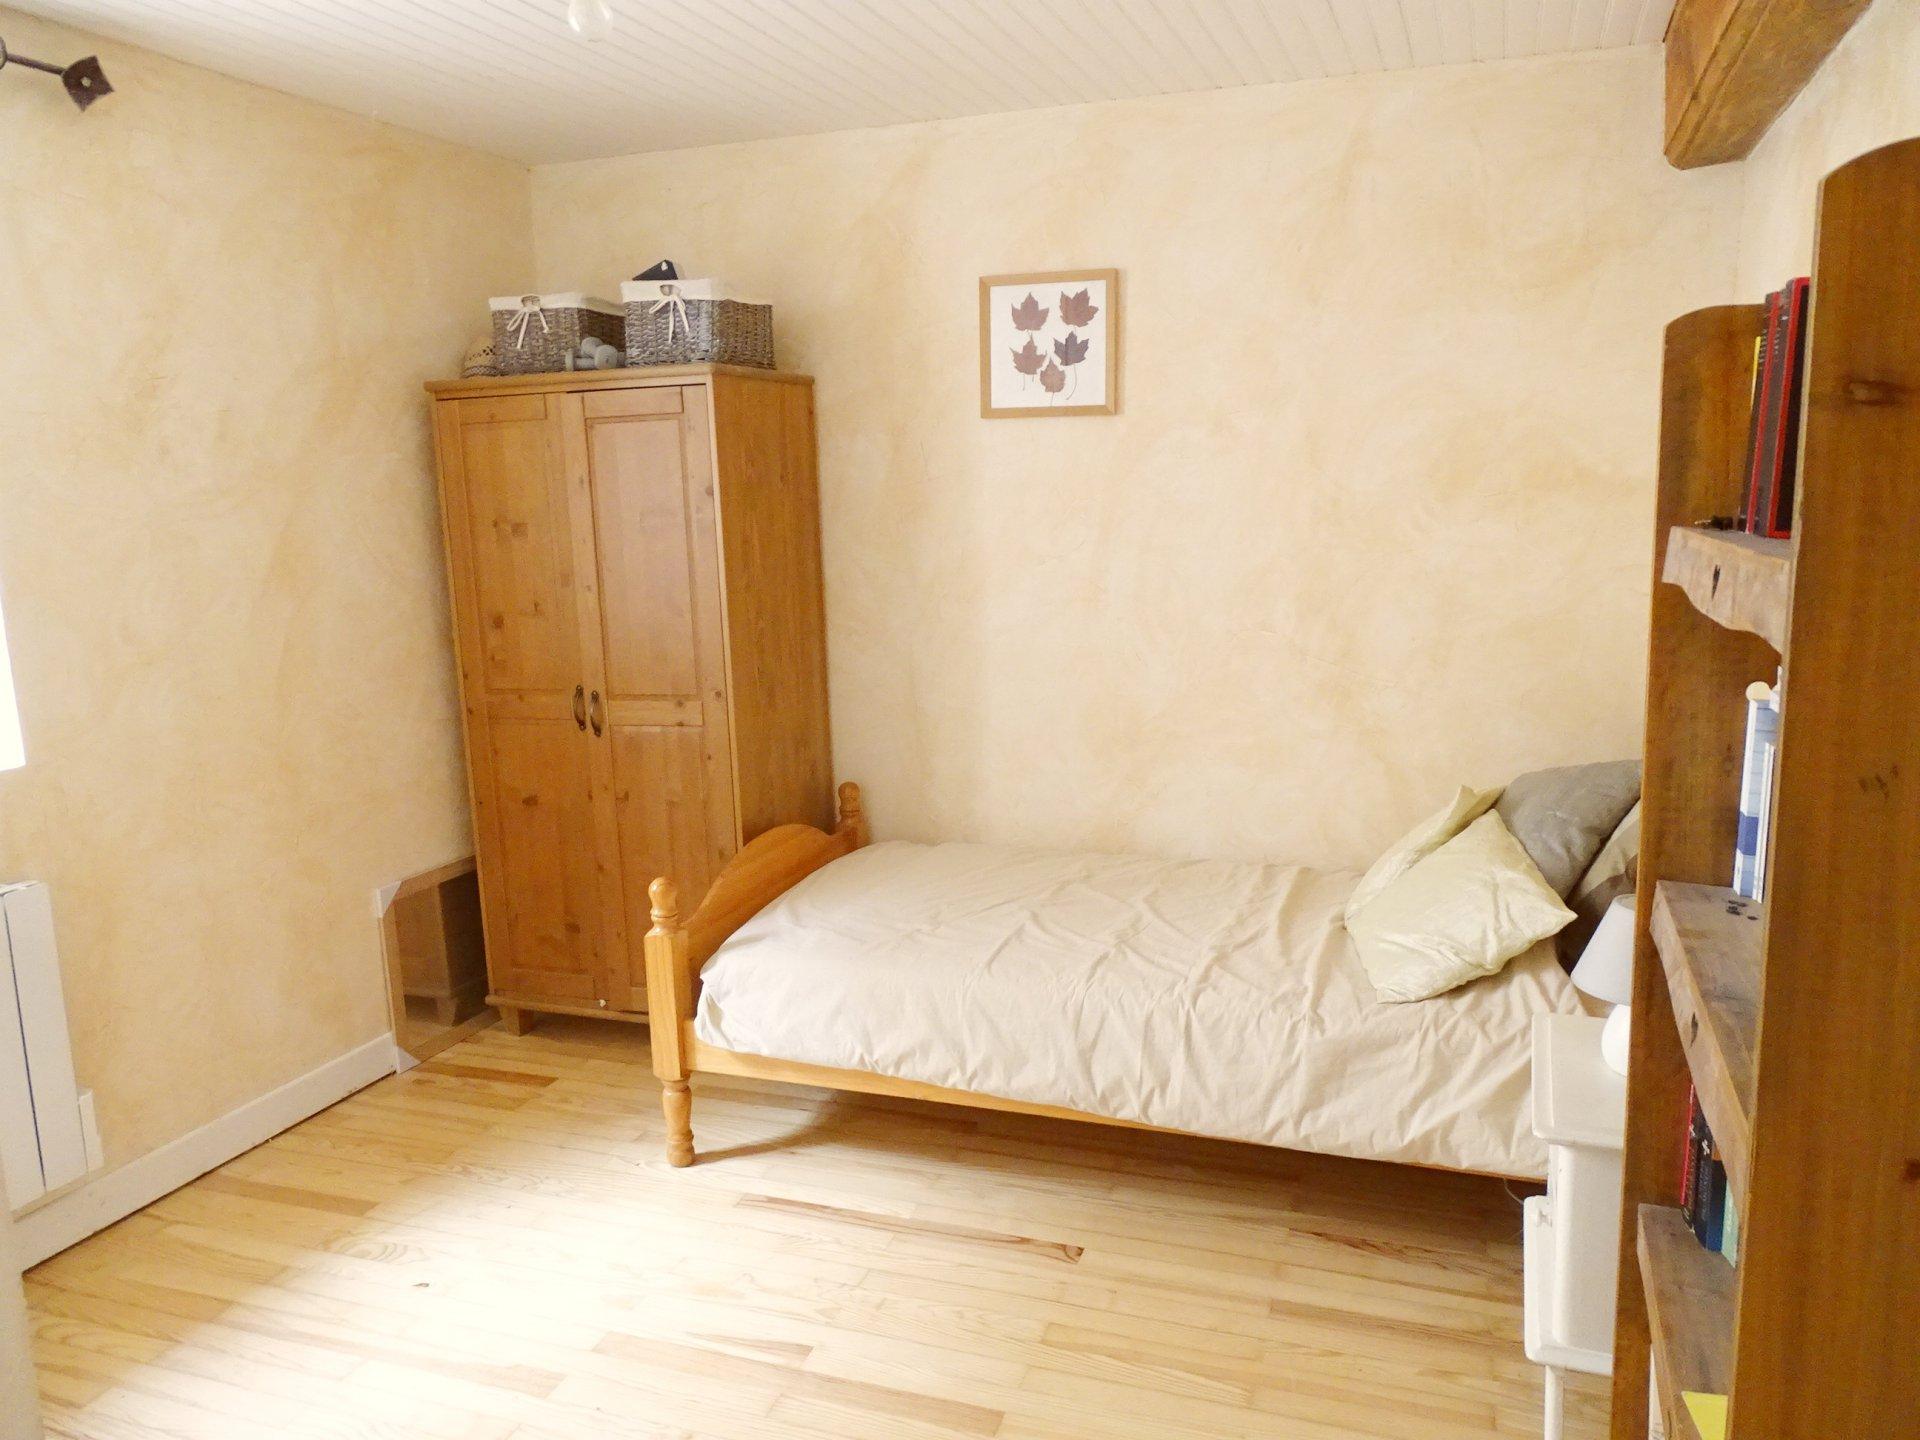 Jullié, au calme absolu, venez découvrir cette belle maison de village rénovée avec soin d'une surface habitable de 107 m² avec une terrasse arborée de 40 m², un garage et une cave. Ce bien dispose d'une belle entrée donnant sur une vaste pièce de vie avec cuisine équipée, de trois chambres, d'une salle d'eau, d'un toilette, ainsi que d'une pièce de 30 m² pouvant être aménagée selon vos besoins. Maison très chaleureuse, soigneusement entretenue, aucun travaux à prévoir. A découvrir sans tarder. Honoraires à la charge du vendeur.